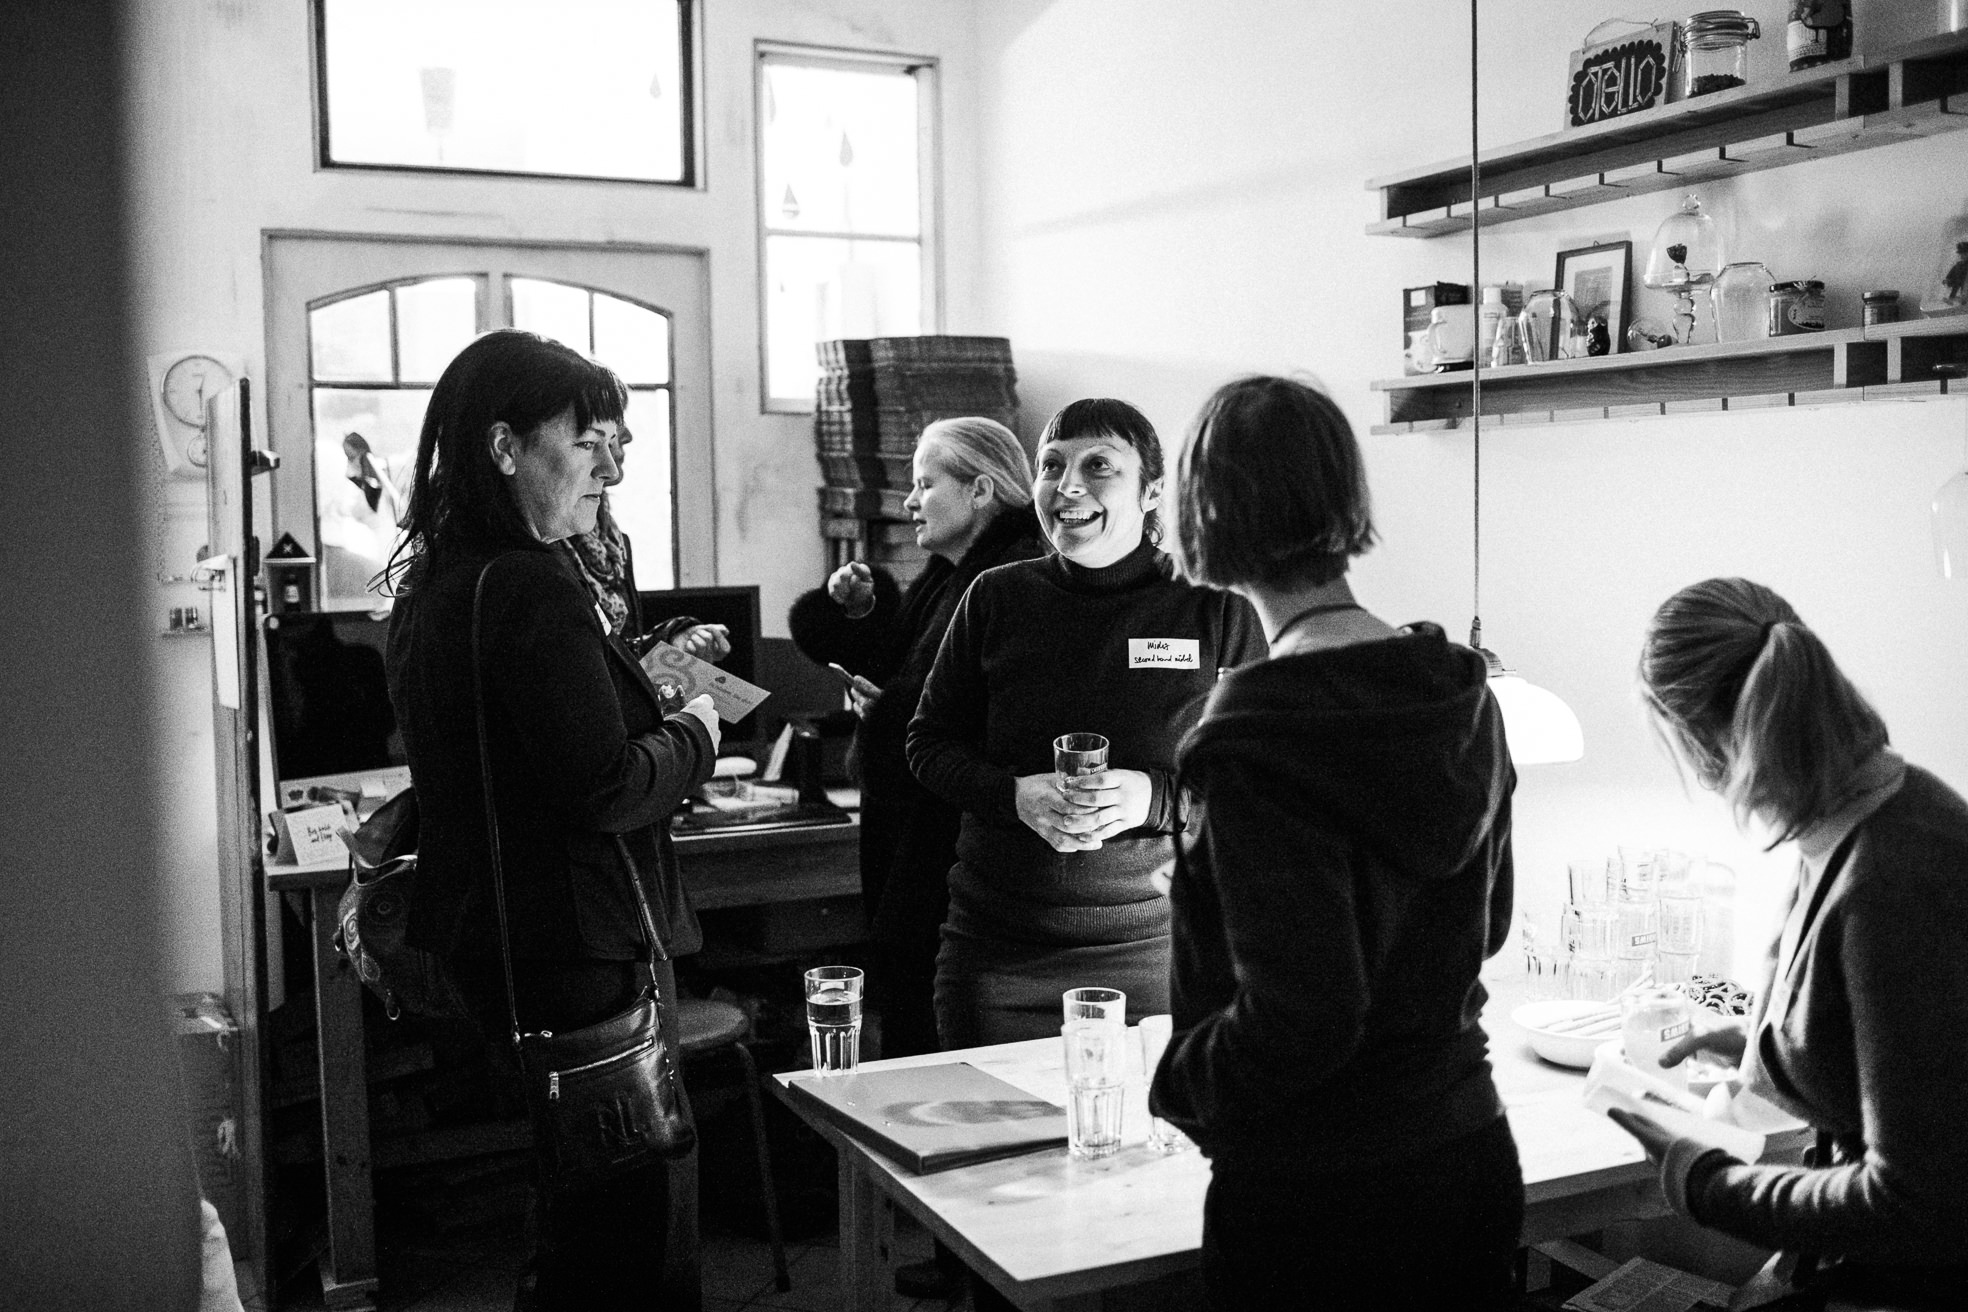 0089-Unternehmerinnen-Treffen-Anemoi--IM3C6991